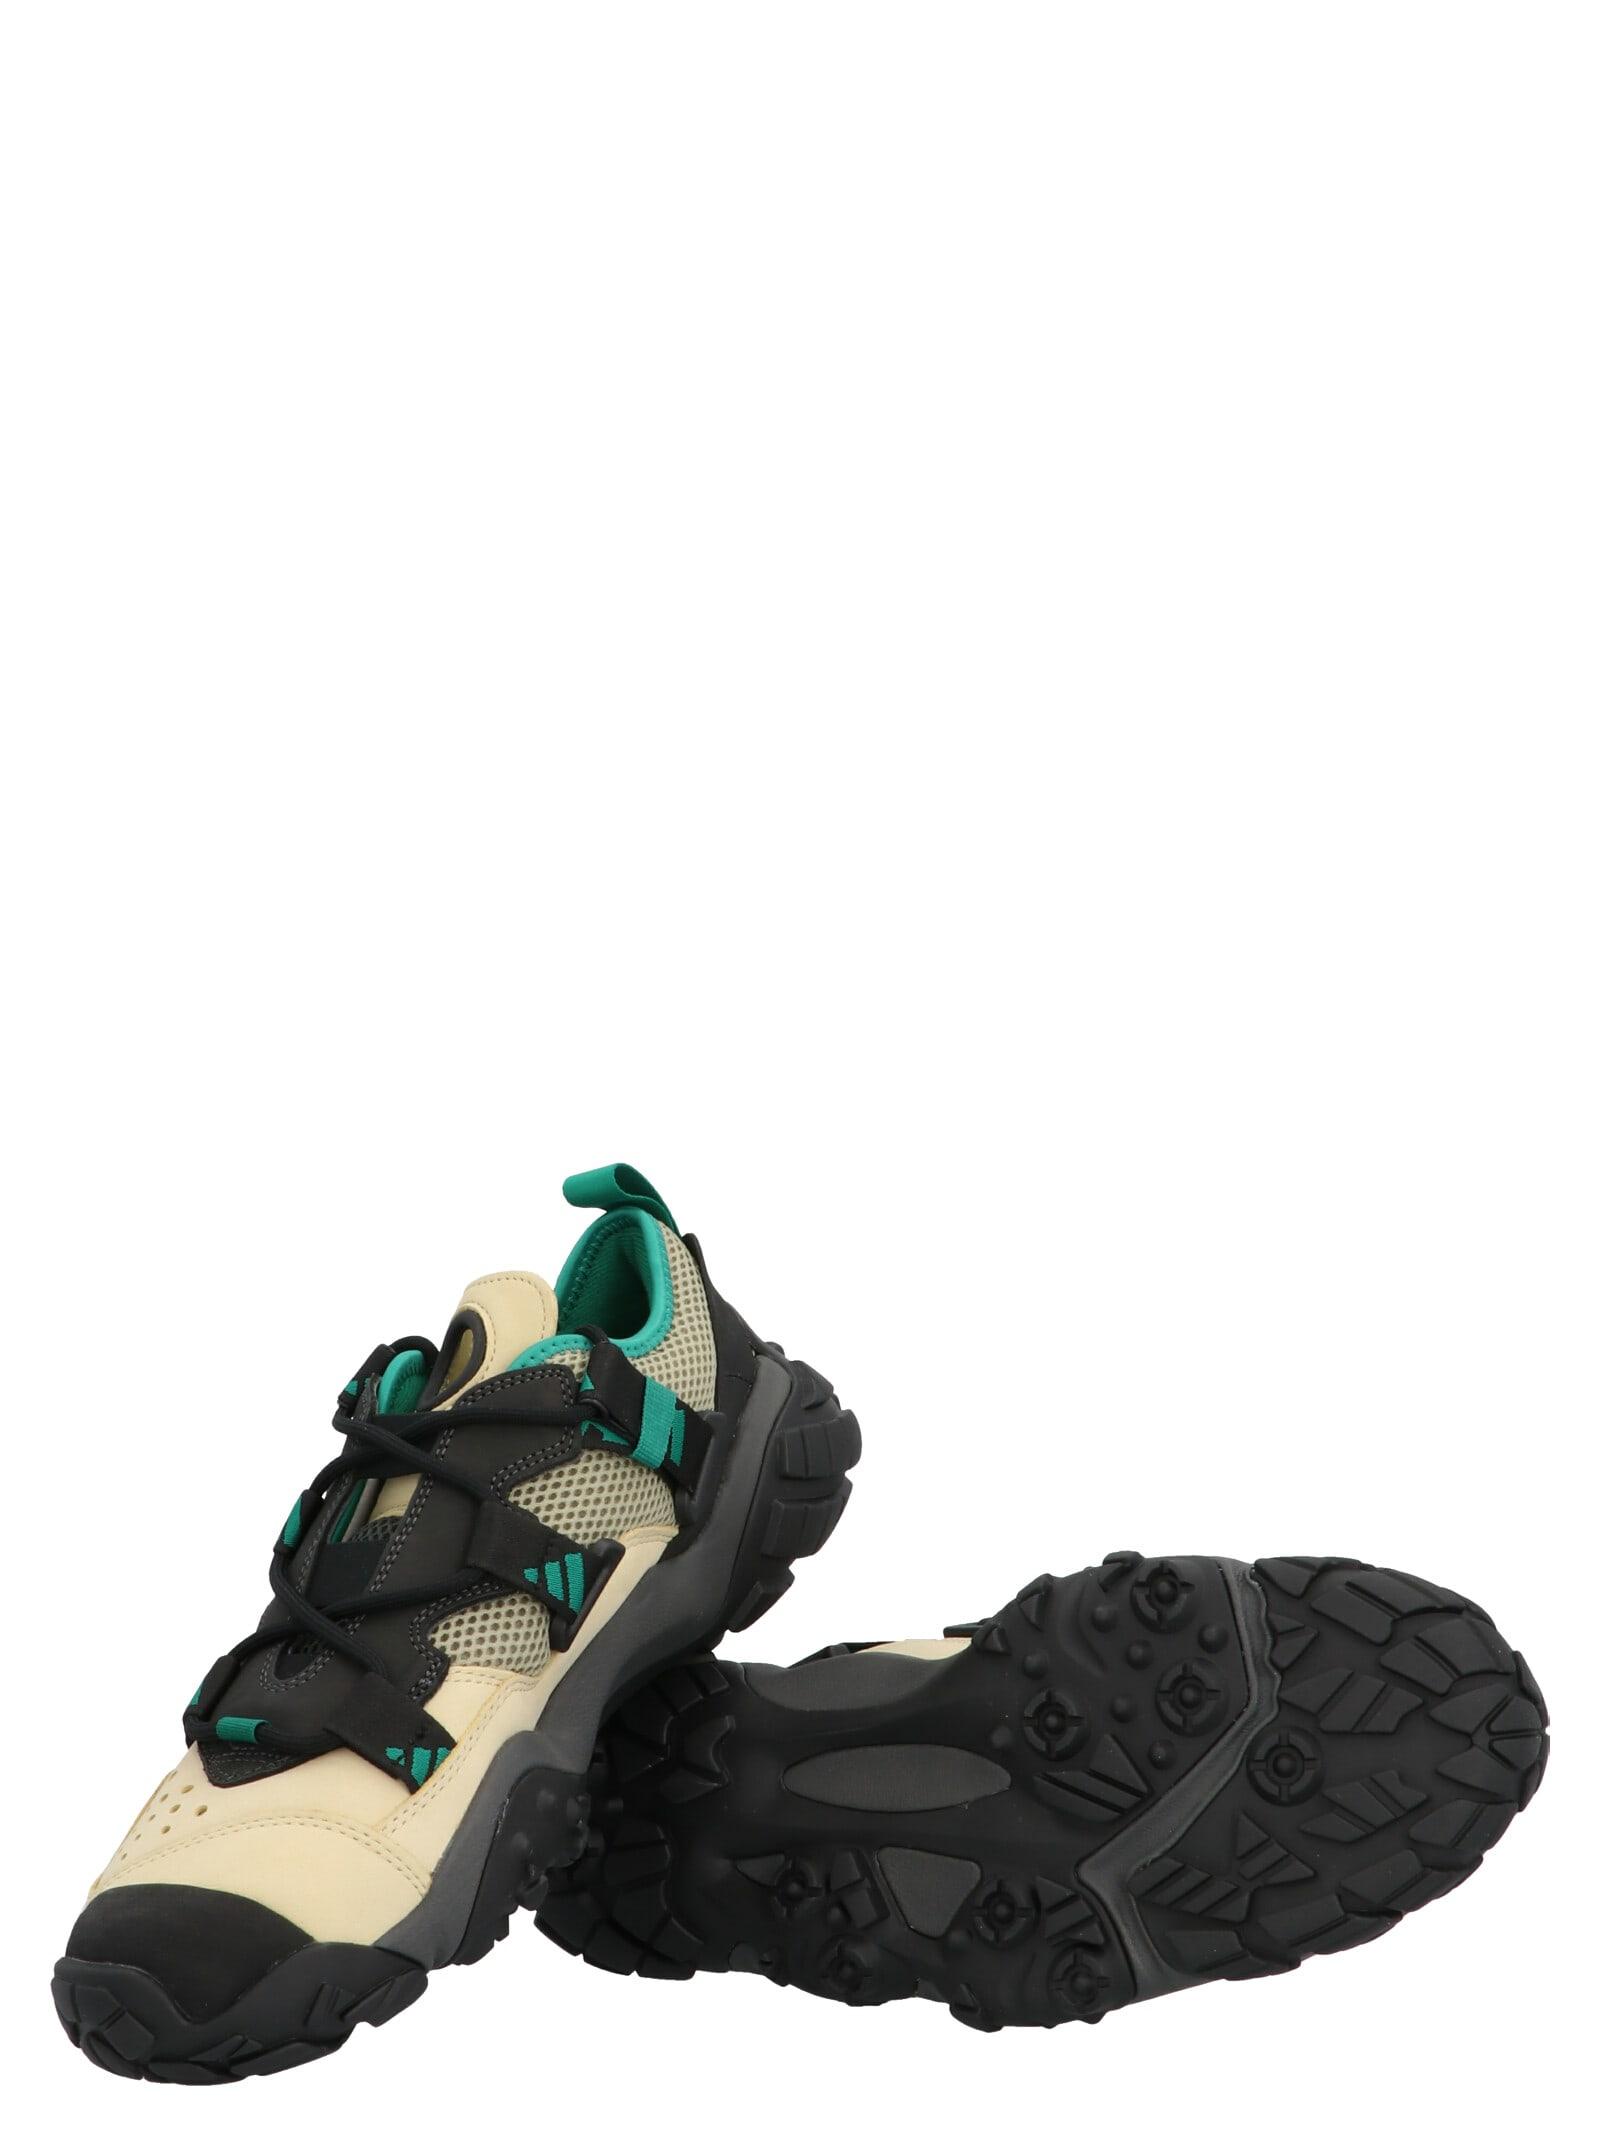 Adidas Originals fywxta Shoes